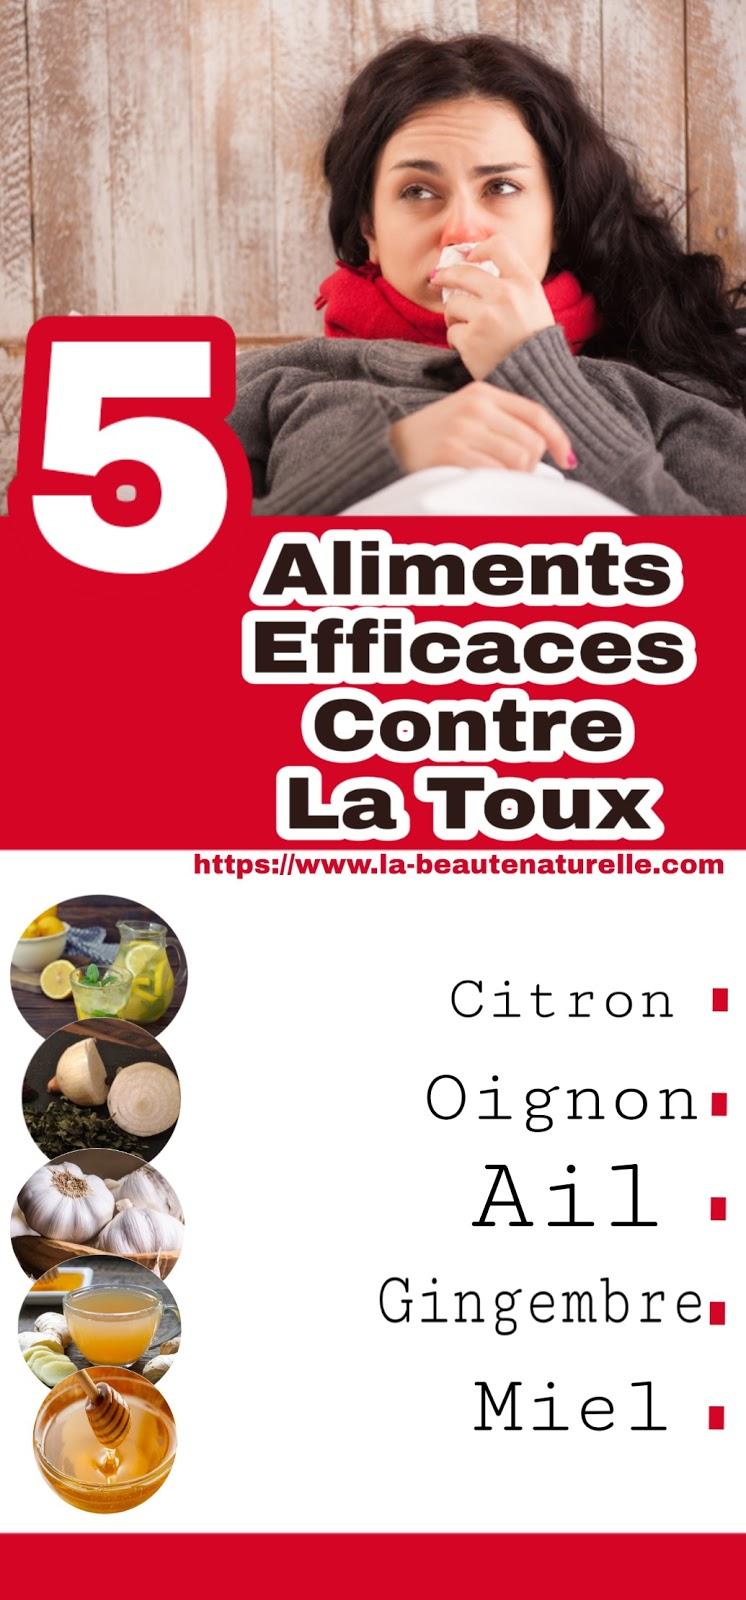 5 Aliments Efficaces Contre La Toux